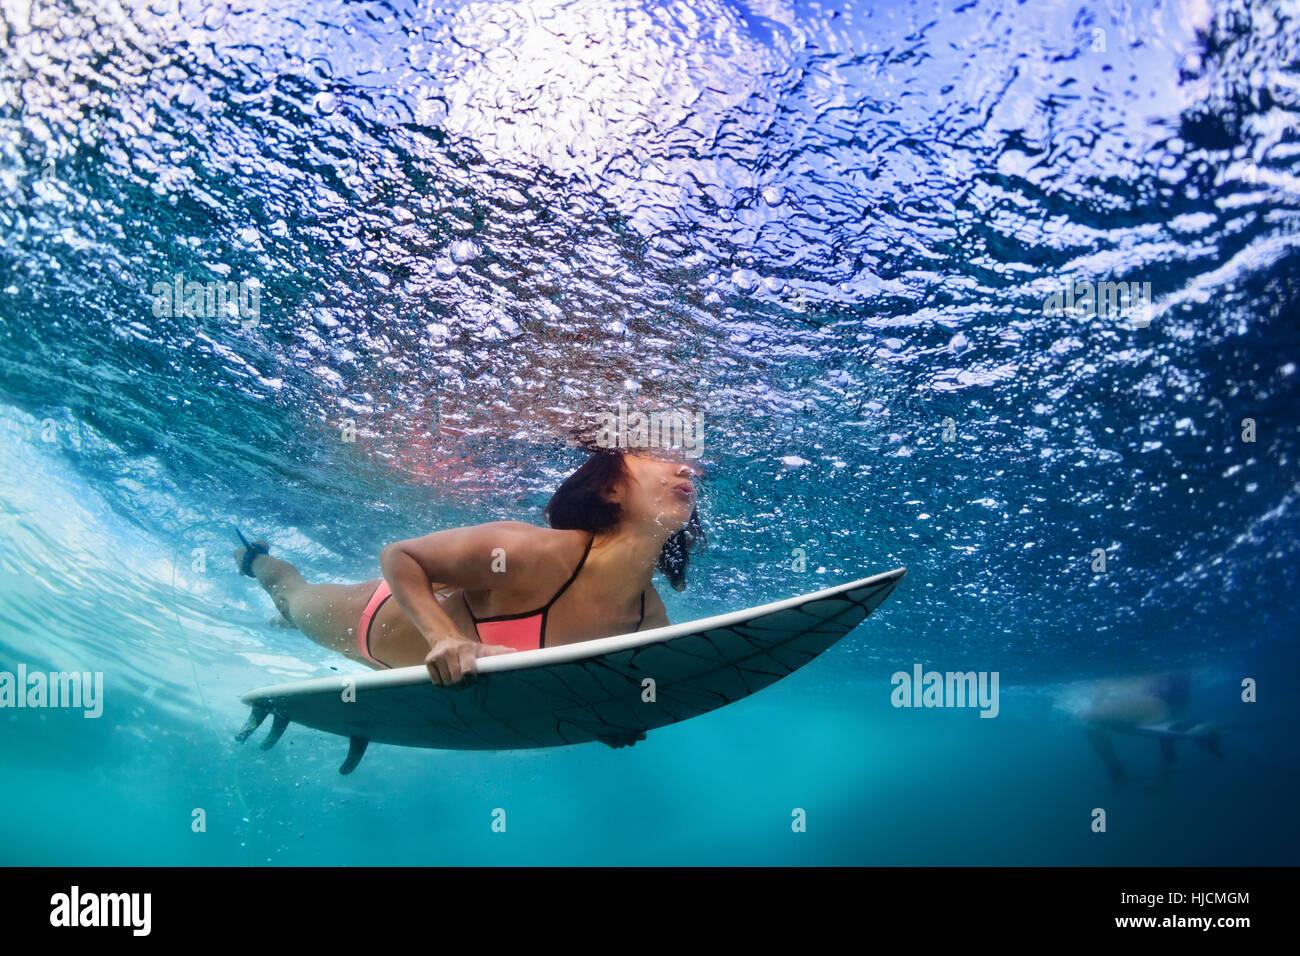 Ragazza attiva in azione. Surfer donna con tavola da surf subacquea Immersioni sotto la rottura delle onde oceaniche Immagini Stock